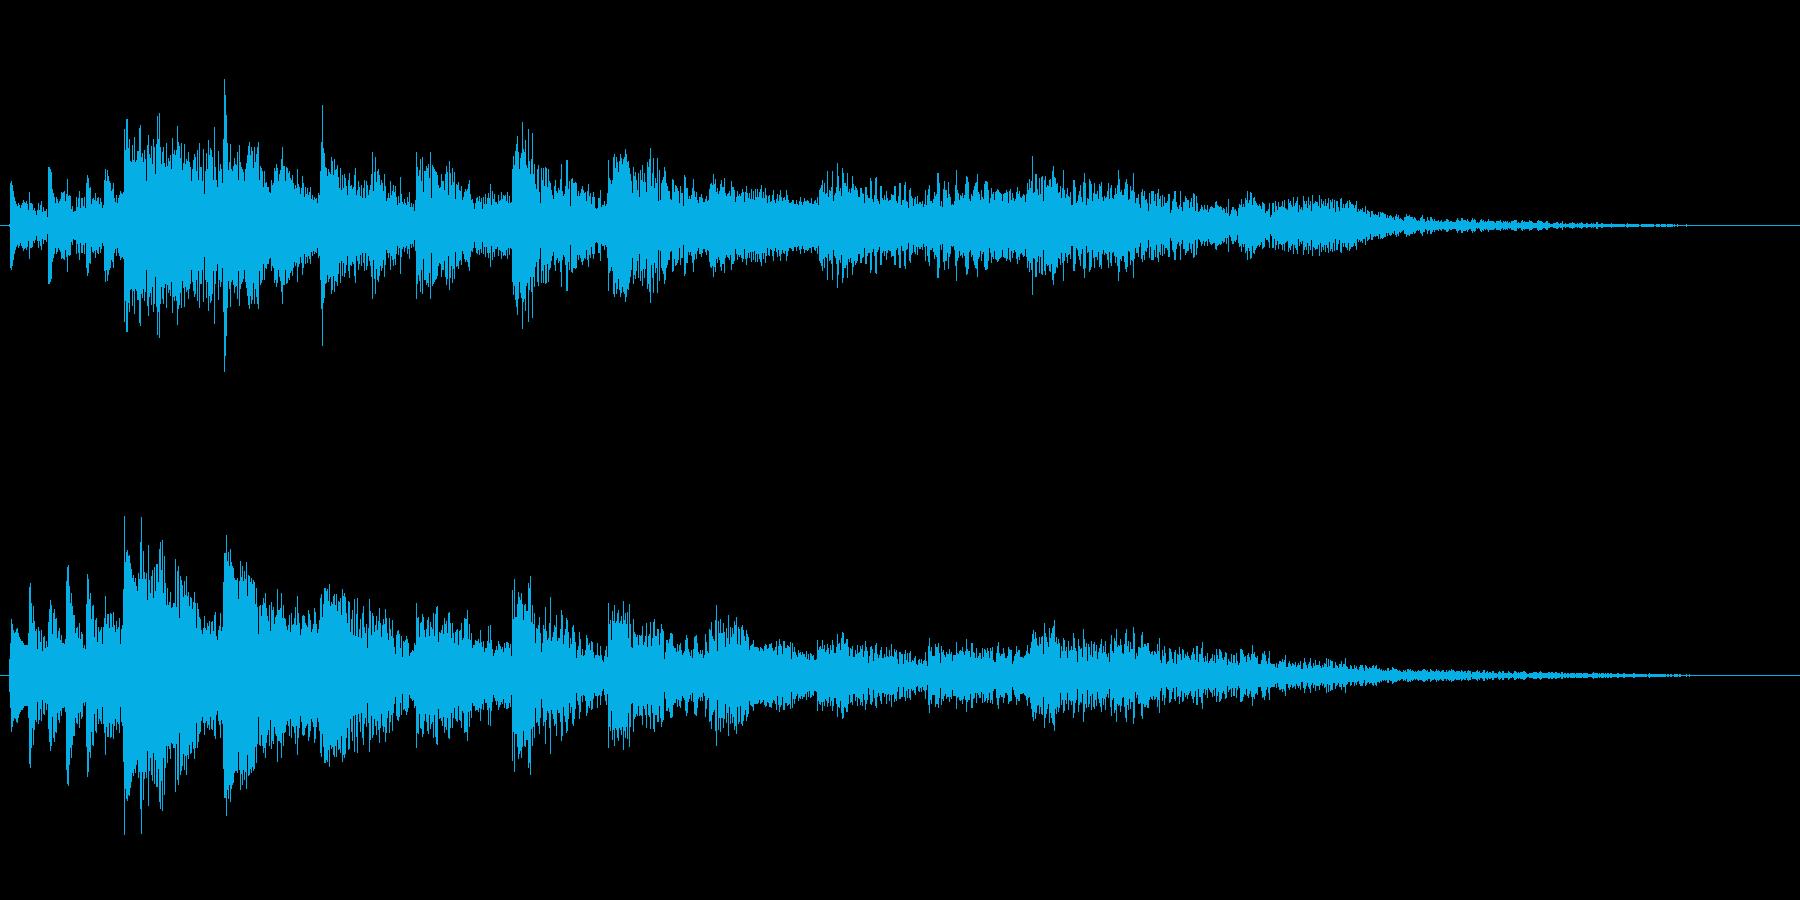 衝動的で悲痛なピアノジングルの再生済みの波形